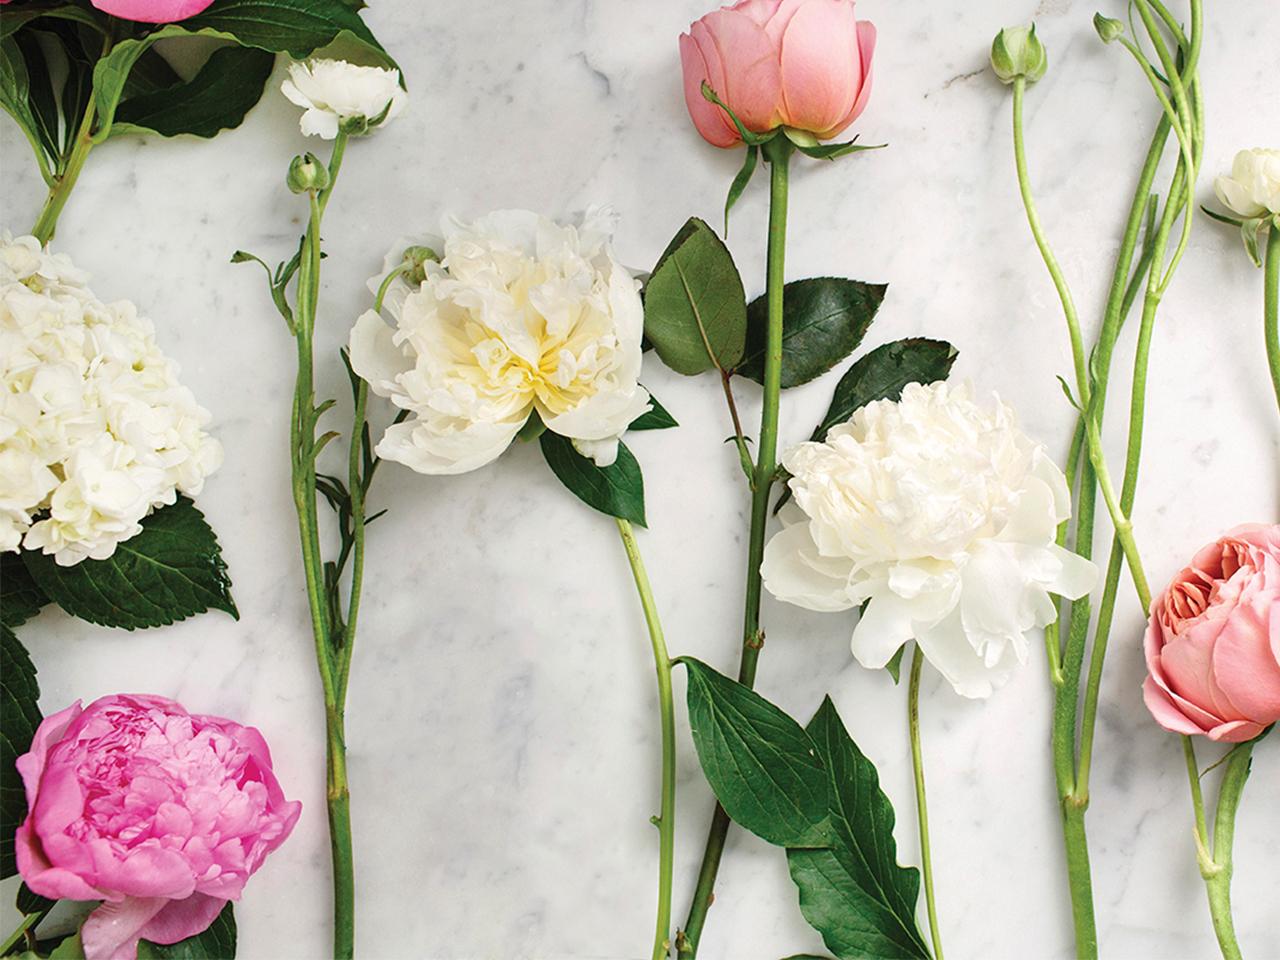 10 Of The Prettiest Peony Varieties To Plant In Your Garden